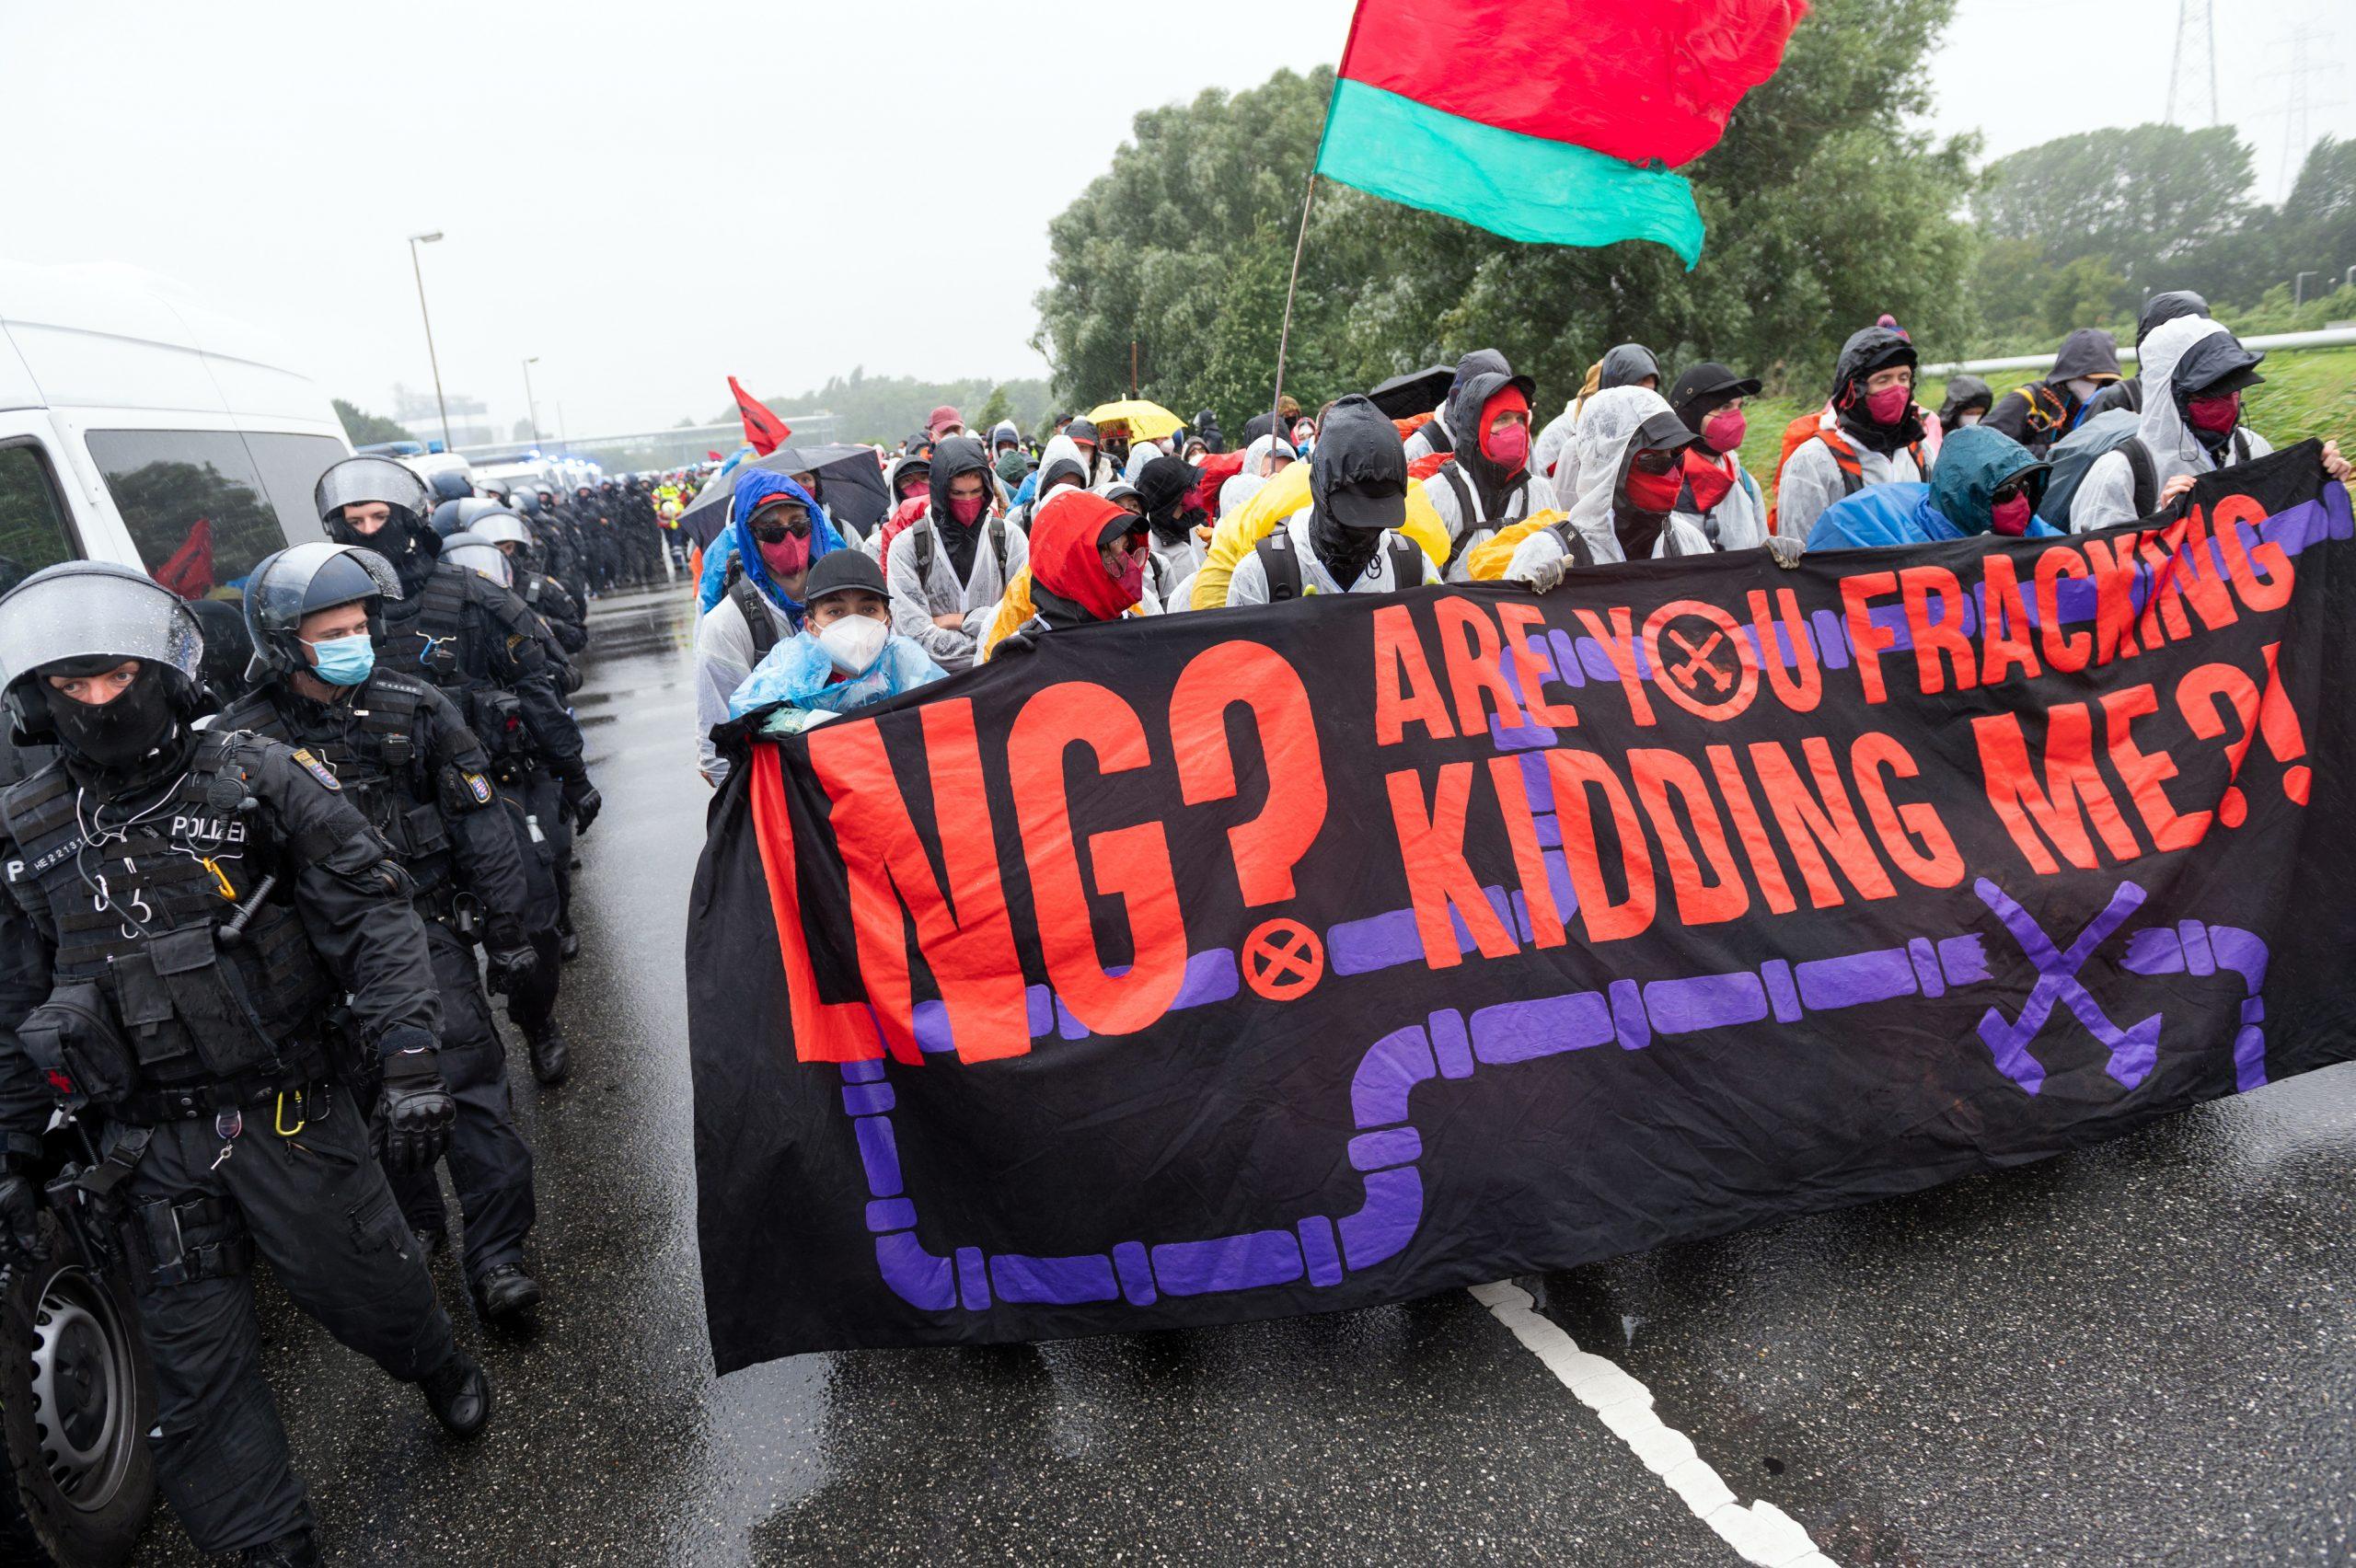 """Aktivisten gehen, begleitet von der Polizei, mit einem Plakat mit der Aufschrift """"LNG? Are you fracking kidding me?!""""."""